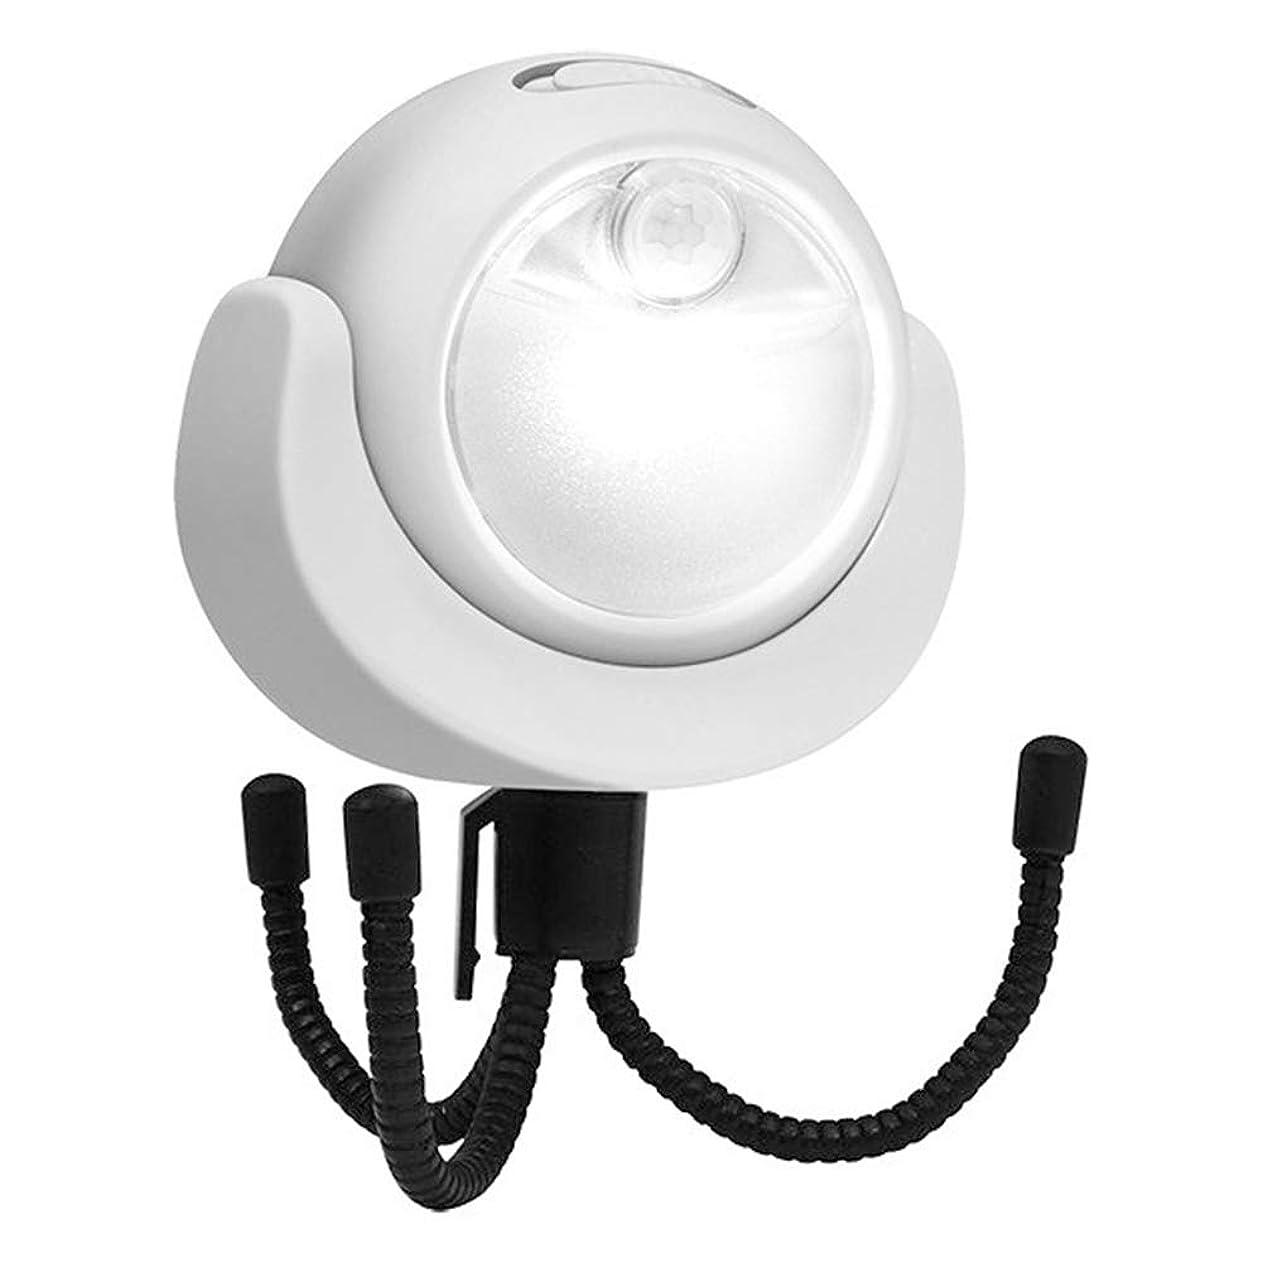 気まぐれなモデレータズームインするLEDセンサーライト 人感センサー マグネット付き 丸型 乾電池式 配線不要 設置自由自在 自動点灯 消灯 360度調節可能 省エネ 玄関 廊下 倉庫 足元灯